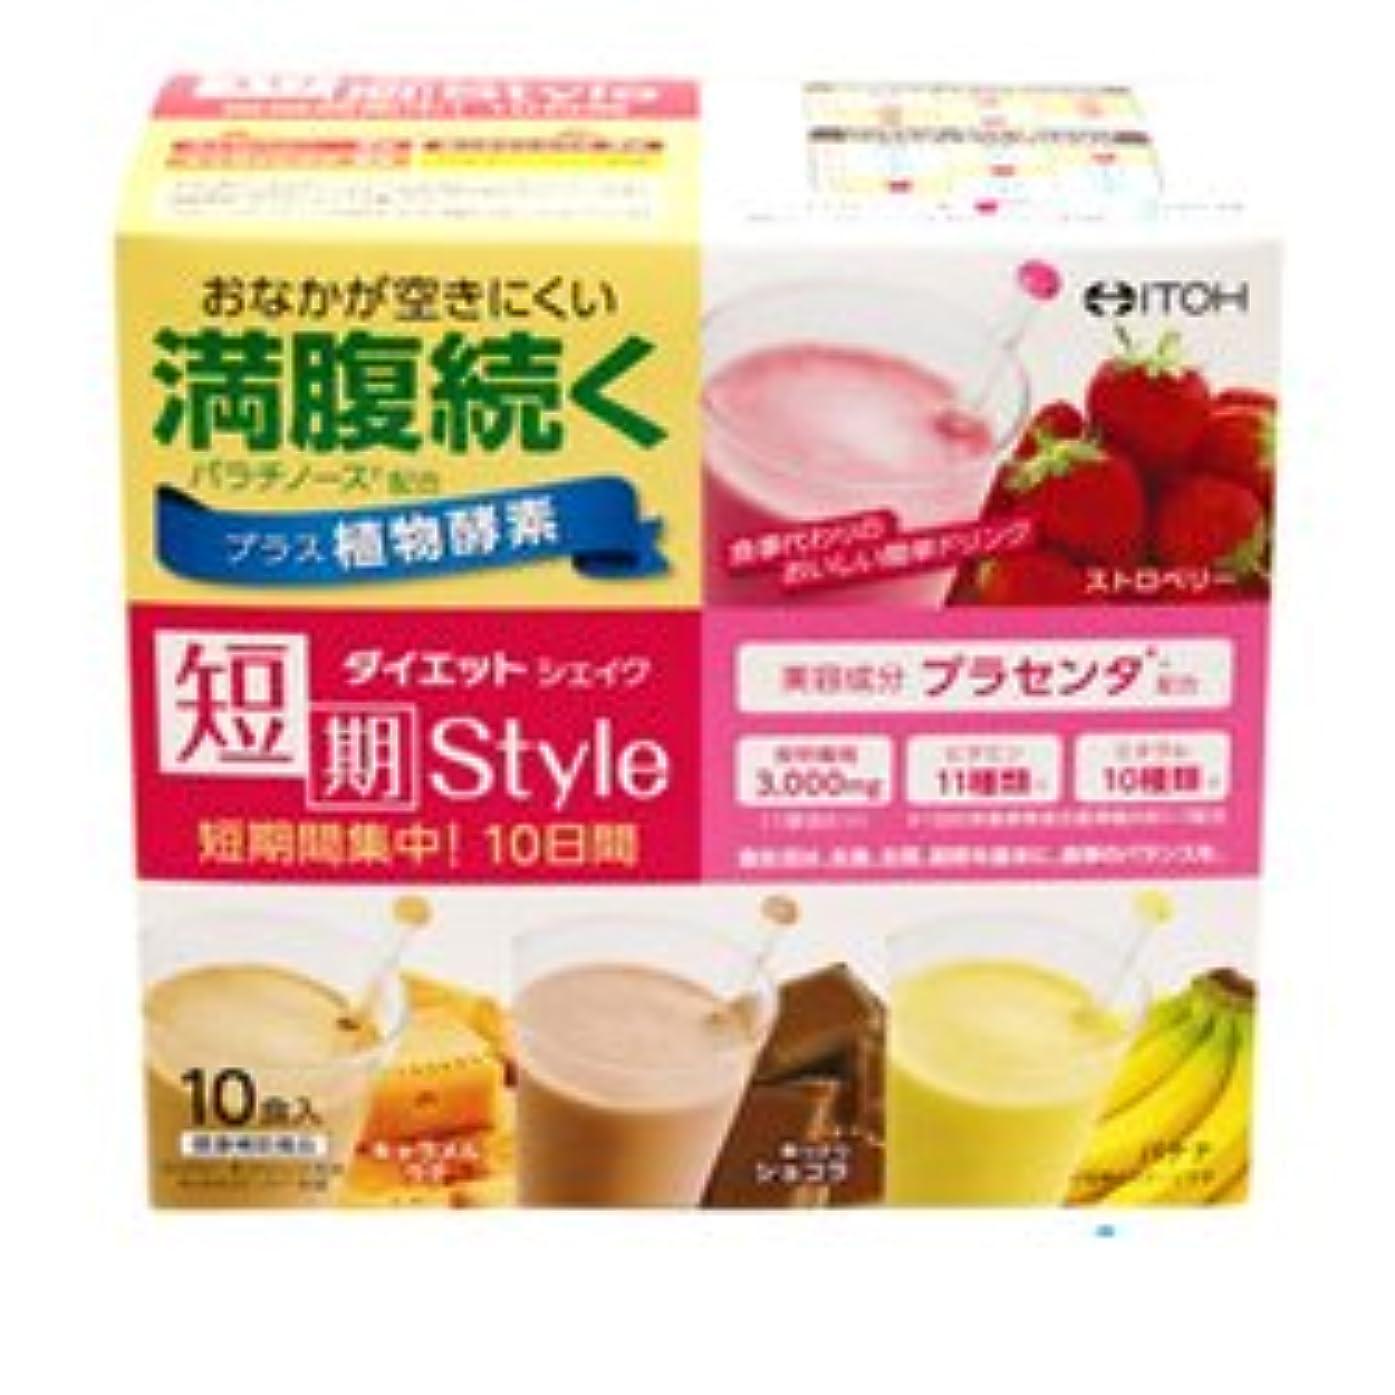 気づかない別に純粋な【井藤漢方製薬】短期スタイル ダイエットシェイク 10包 ×20個セット